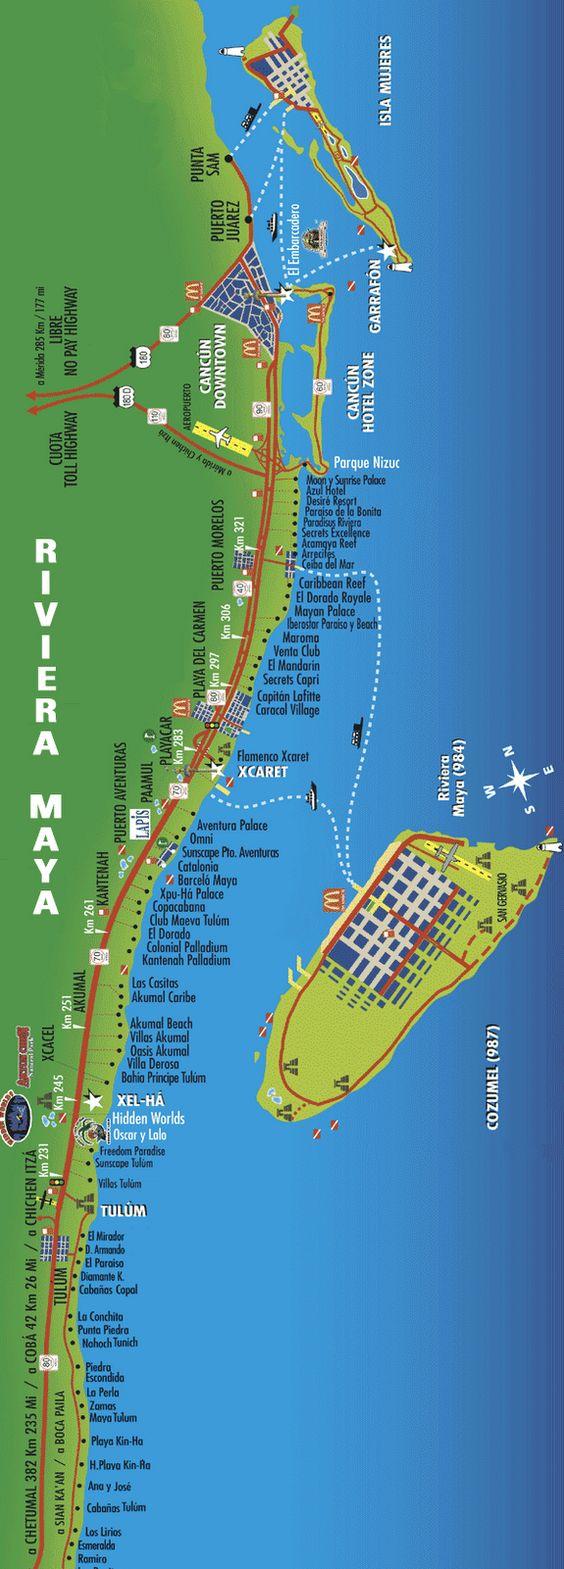 Map of Riviera Maya. Things to do in Riviera Maya